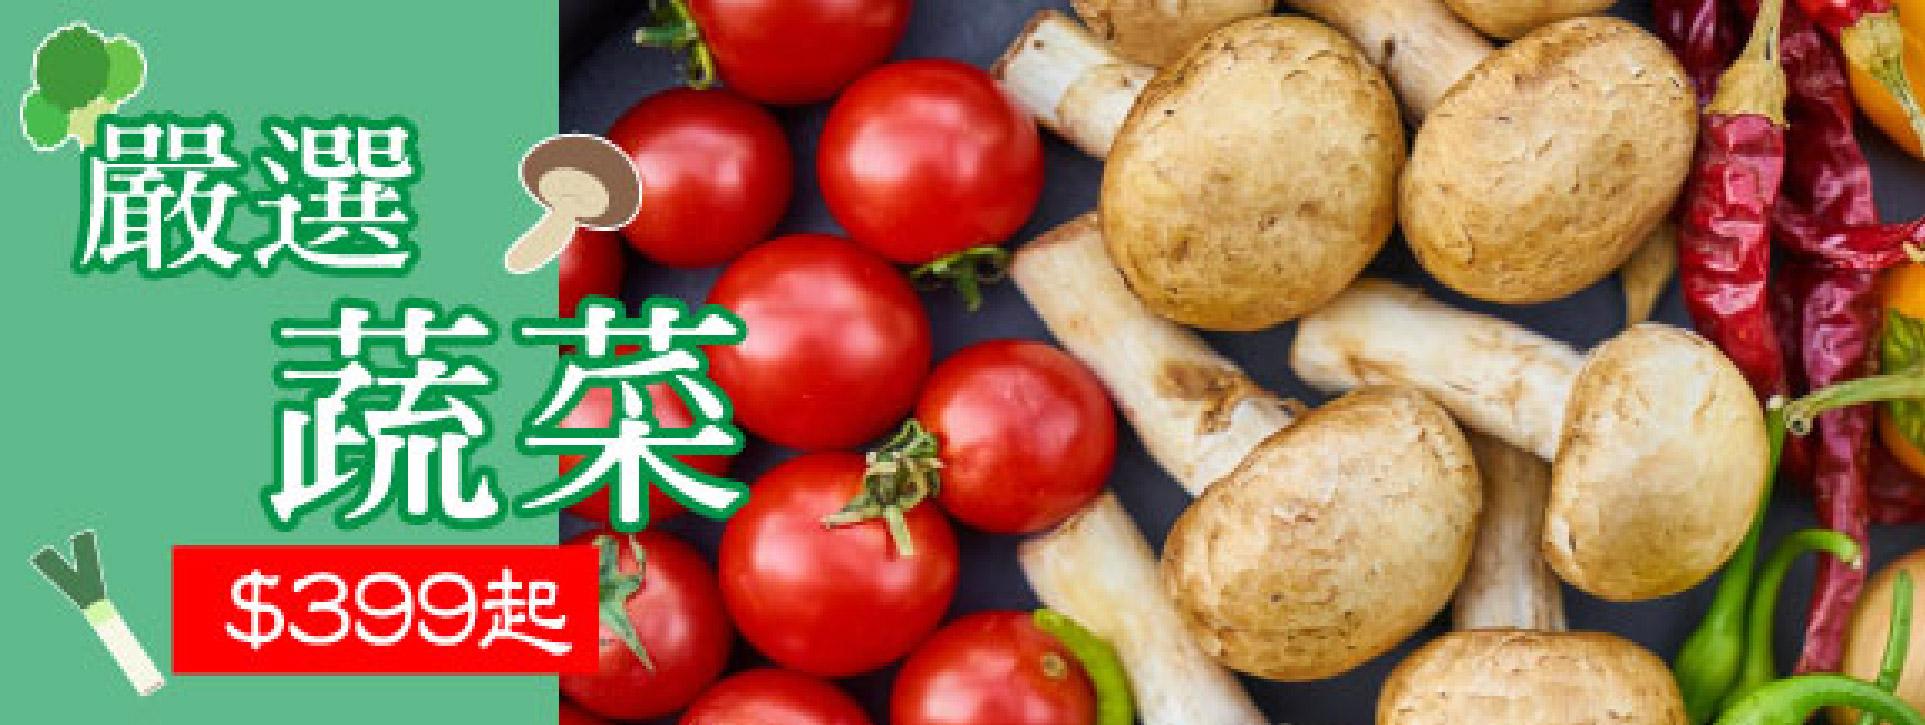 新鮮蔬菜宅配到家